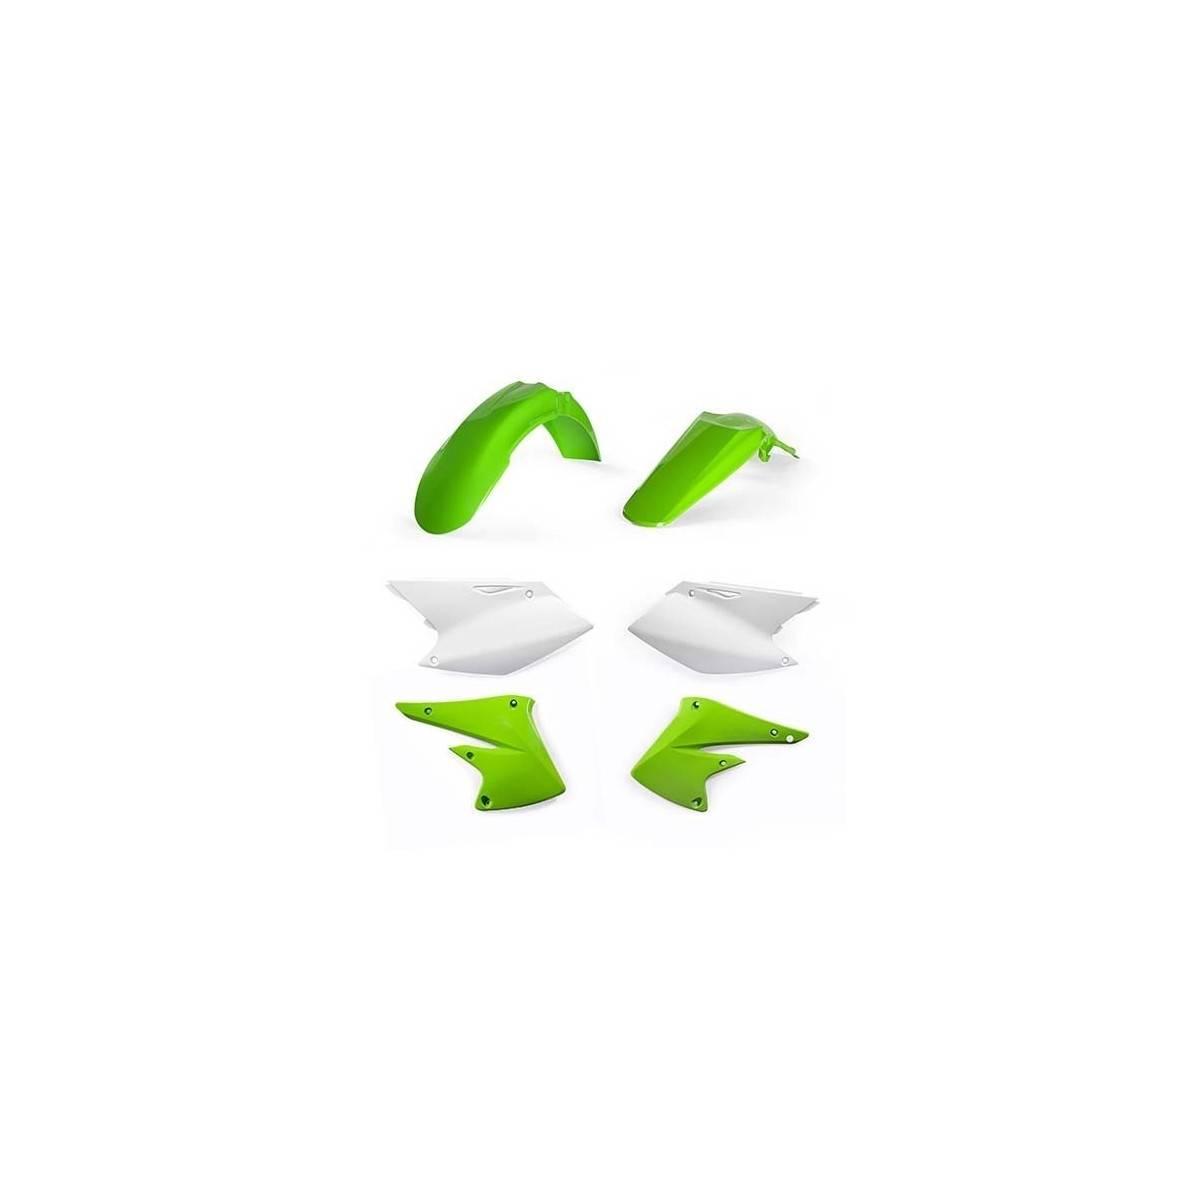 0009111-553 - Kit Plasticos Kxf 450 06 08 Origen